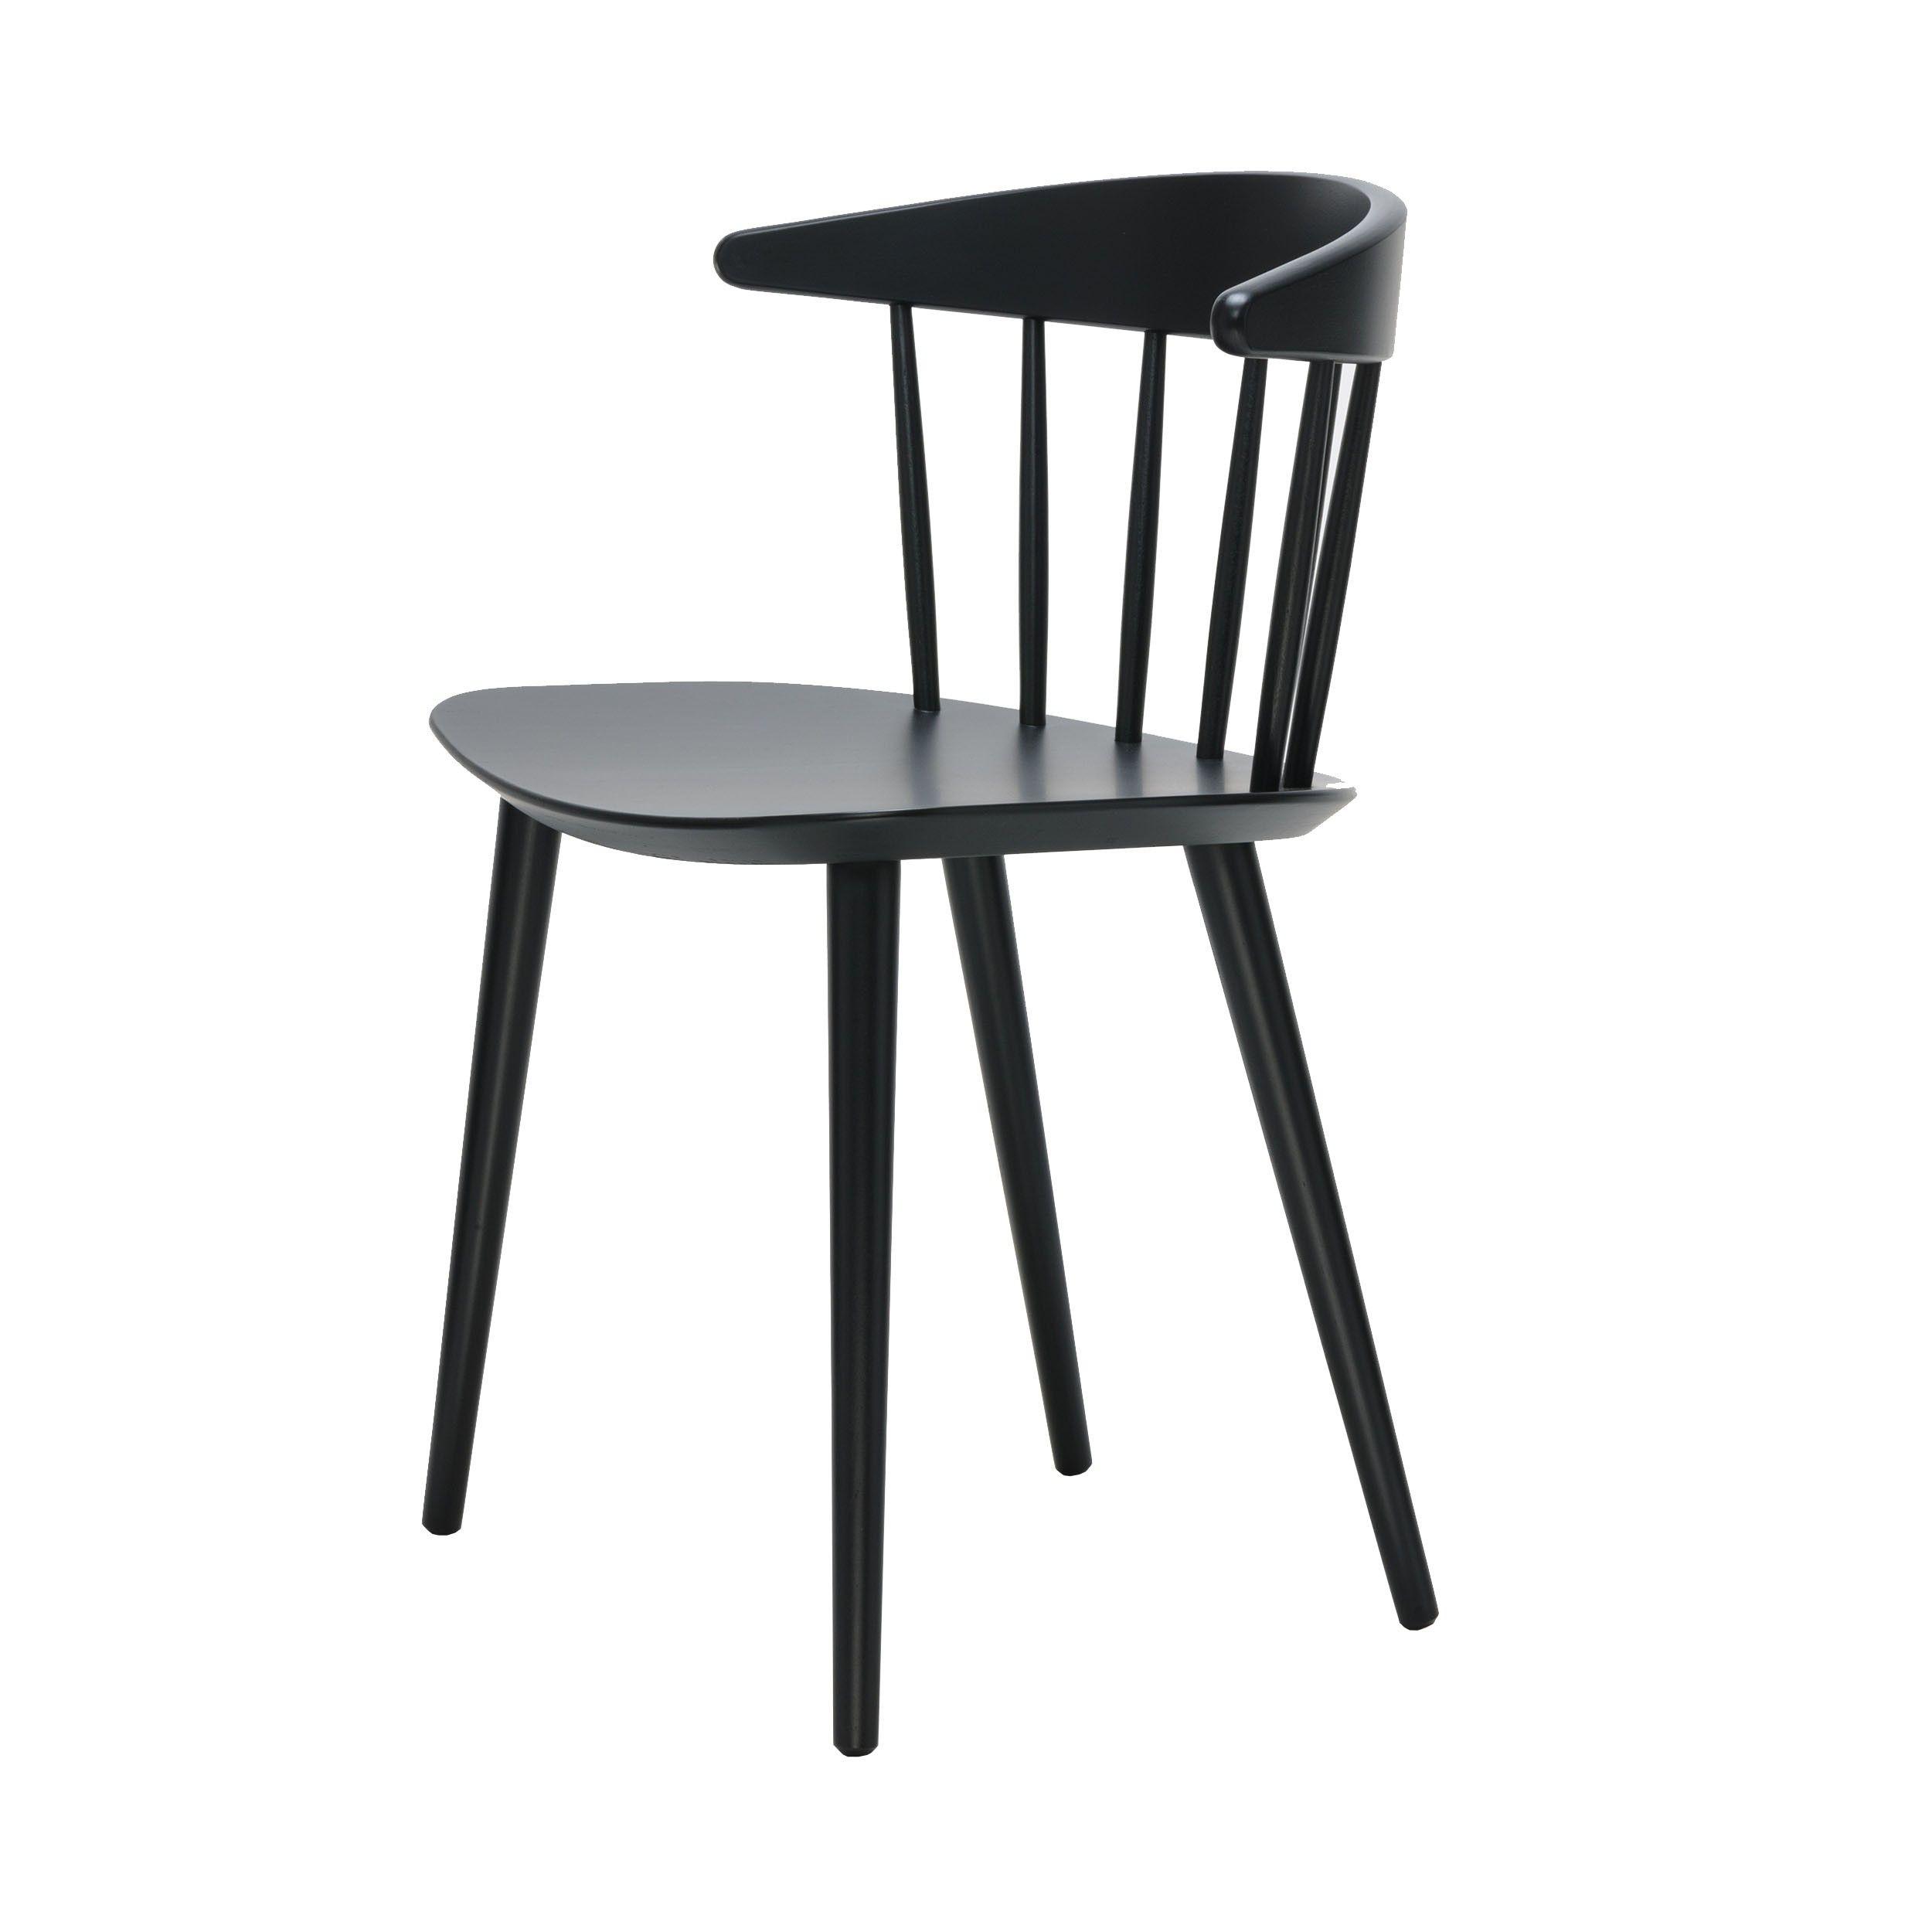 J20 Stuhl schwarz - Hay - A20.20  Holzstühle, Stühle, Stuhl